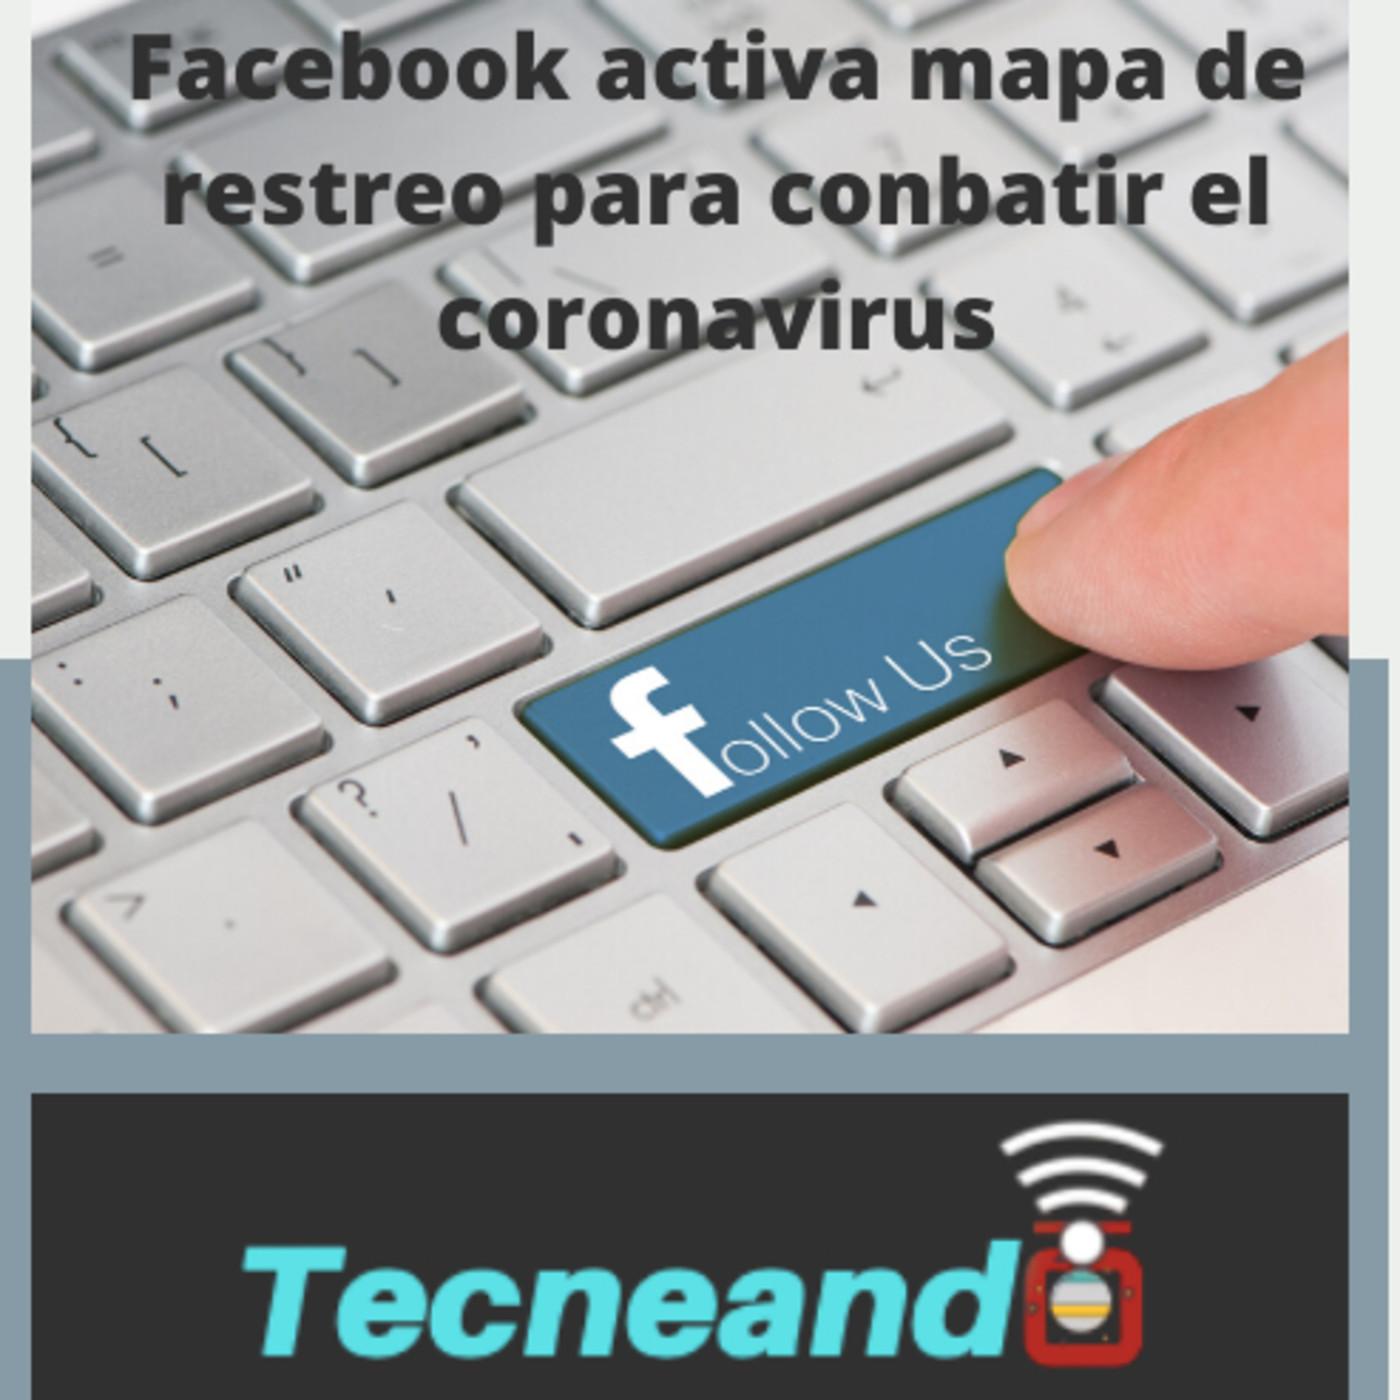 1x018 Facebook activa mapa de rastreo para combatir el coronavirus